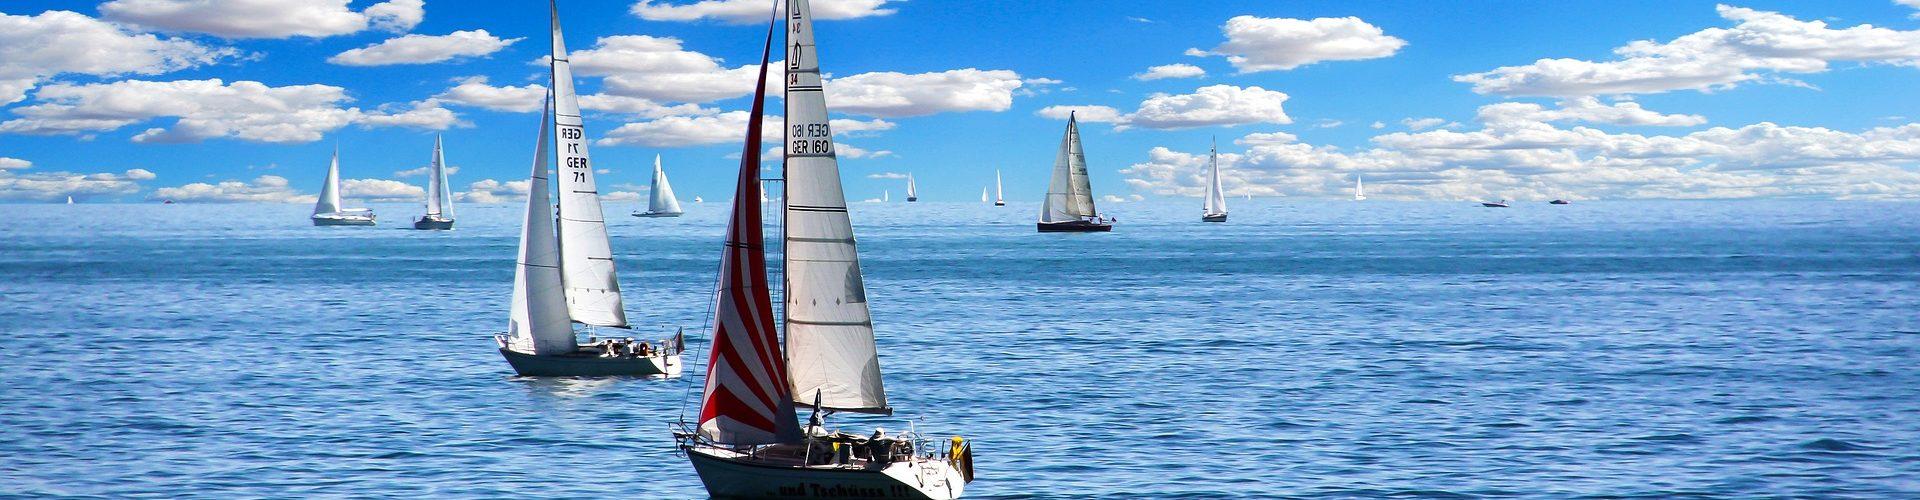 segeln lernen in Meißenheim segelschein machen in Meißenheim 1920x500 - Segeln lernen in Meißenheim